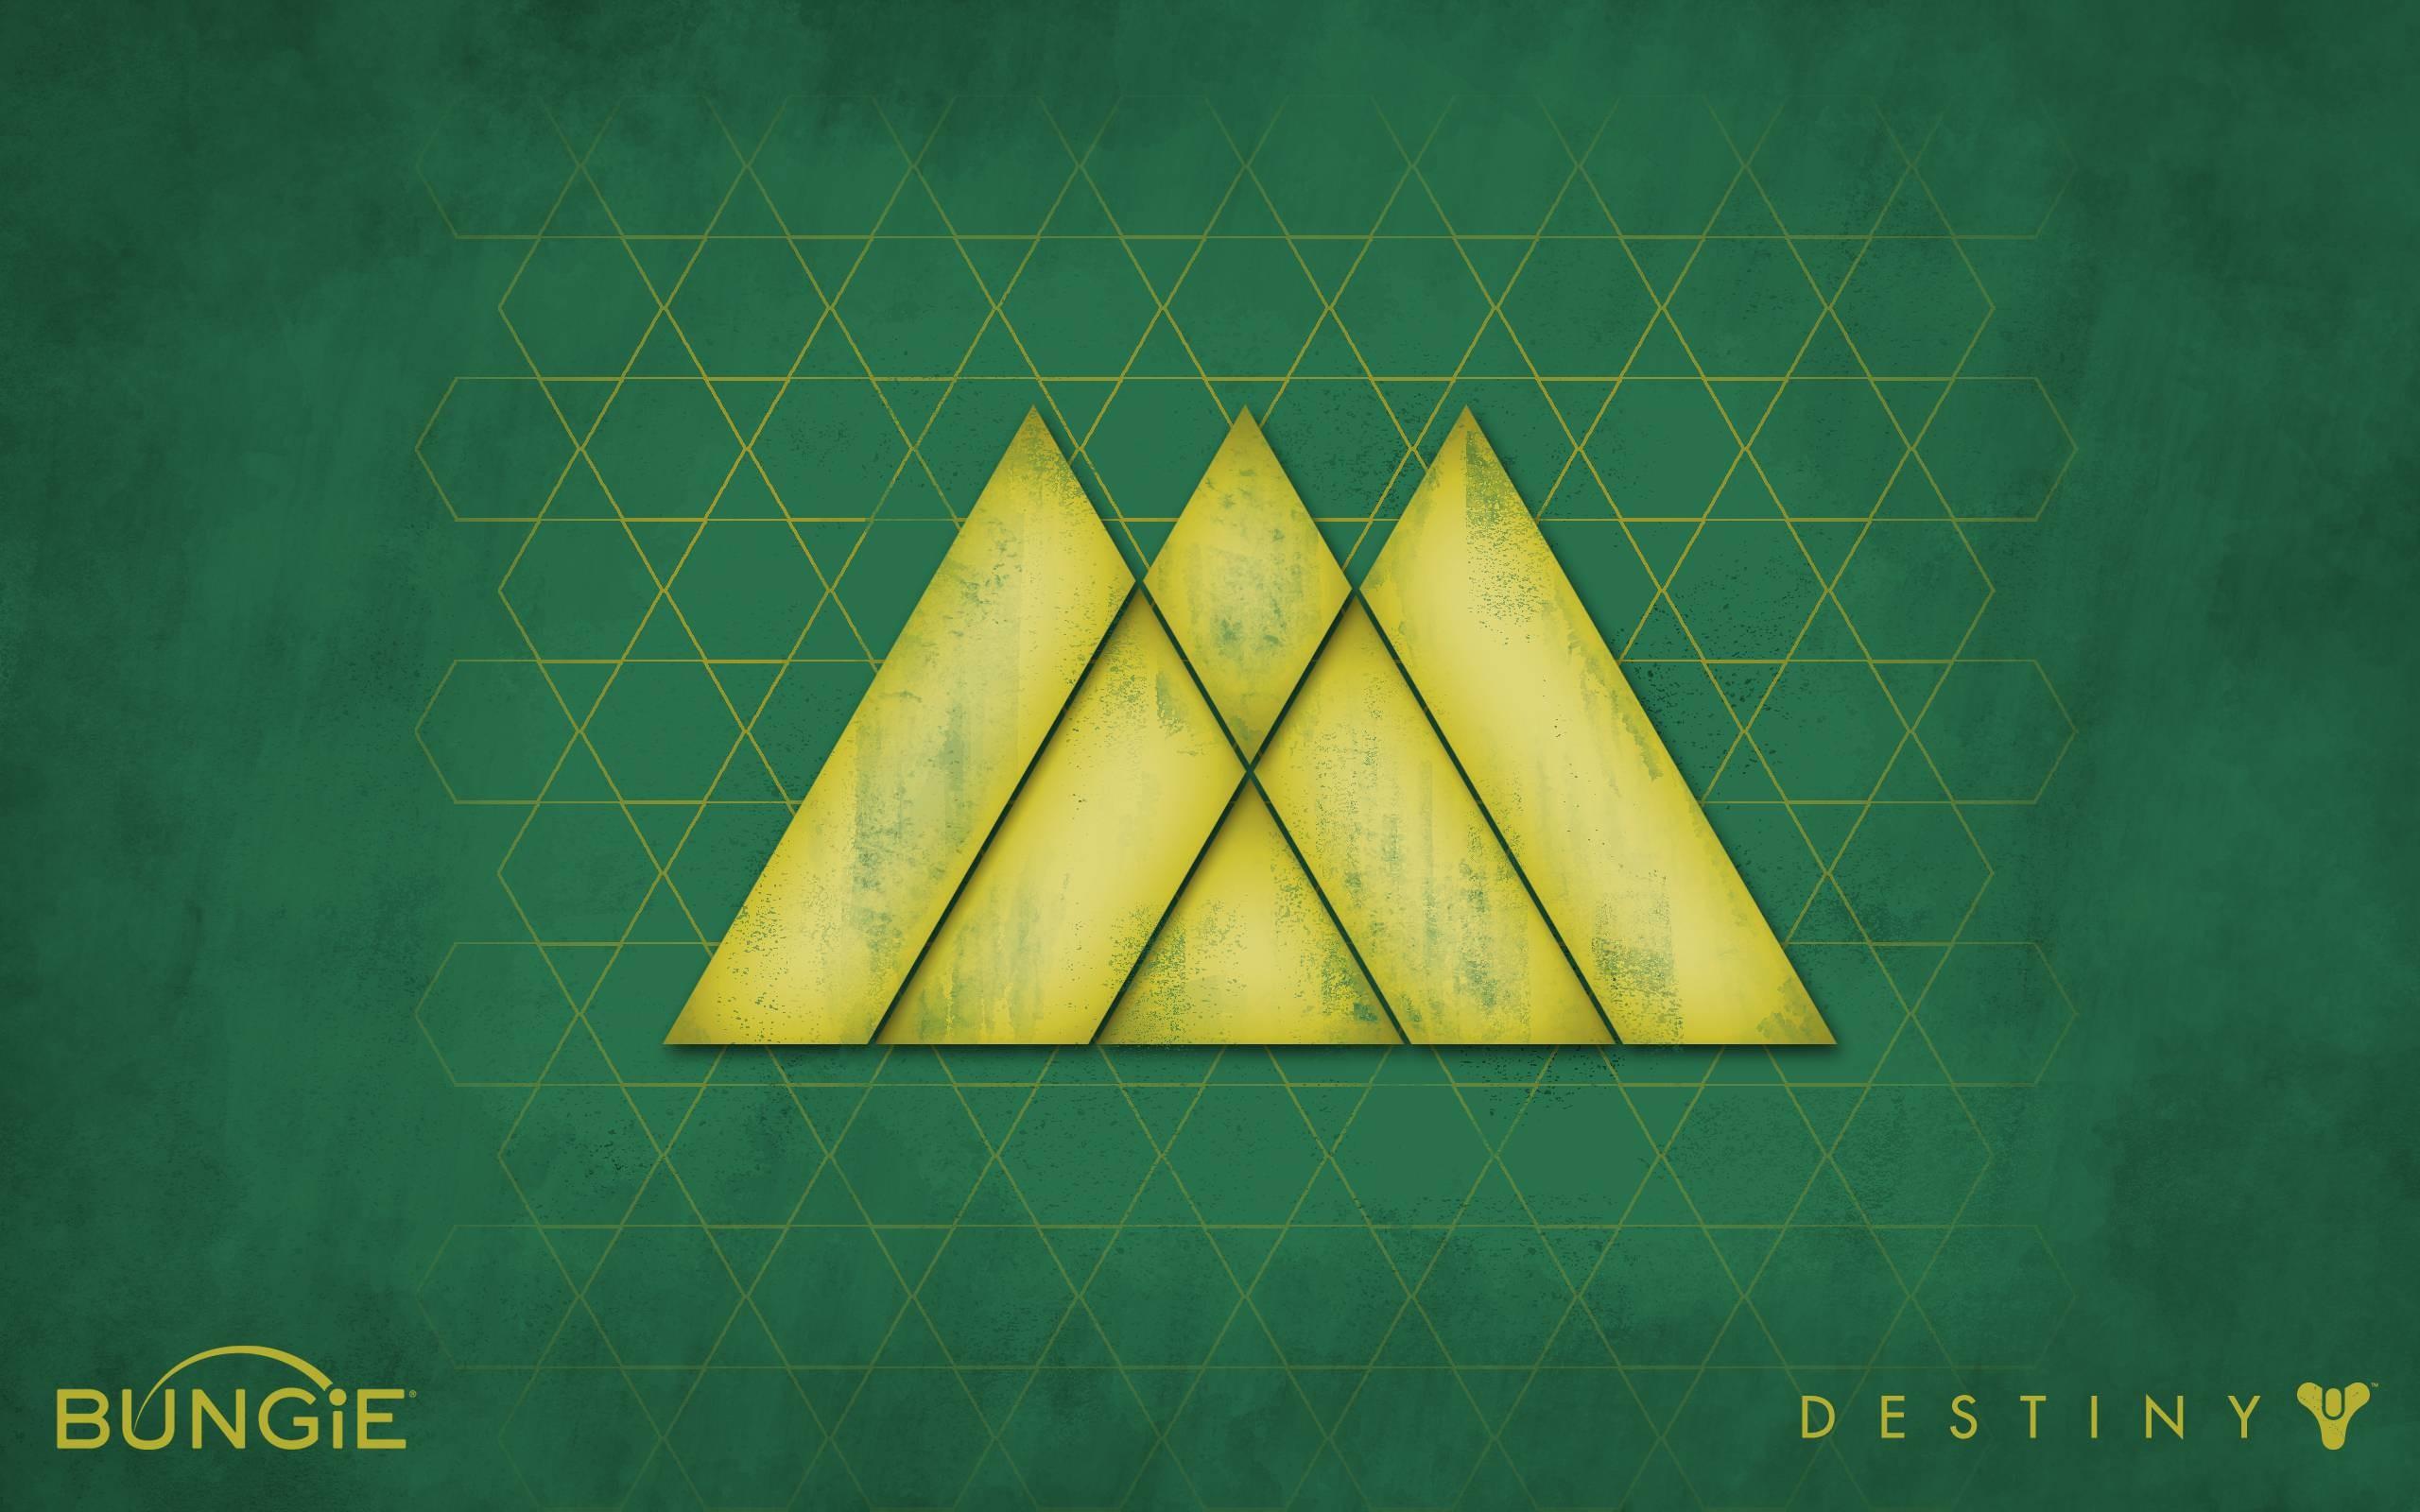 destiny-wallpaper-46